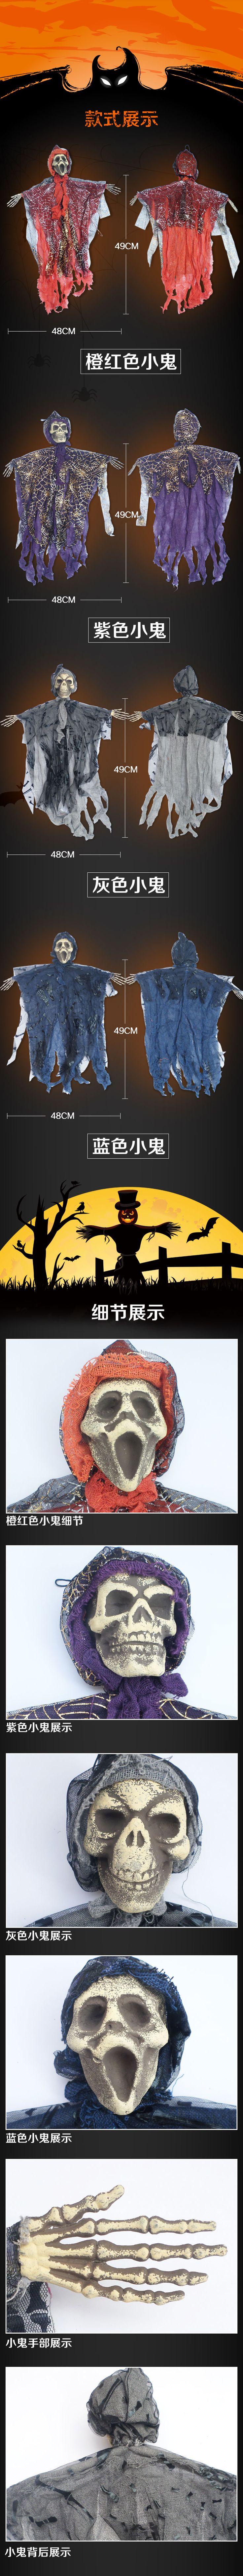 Новый хэллоуин бар украшения реквизит небольшие завесы череп купить на AliExpress